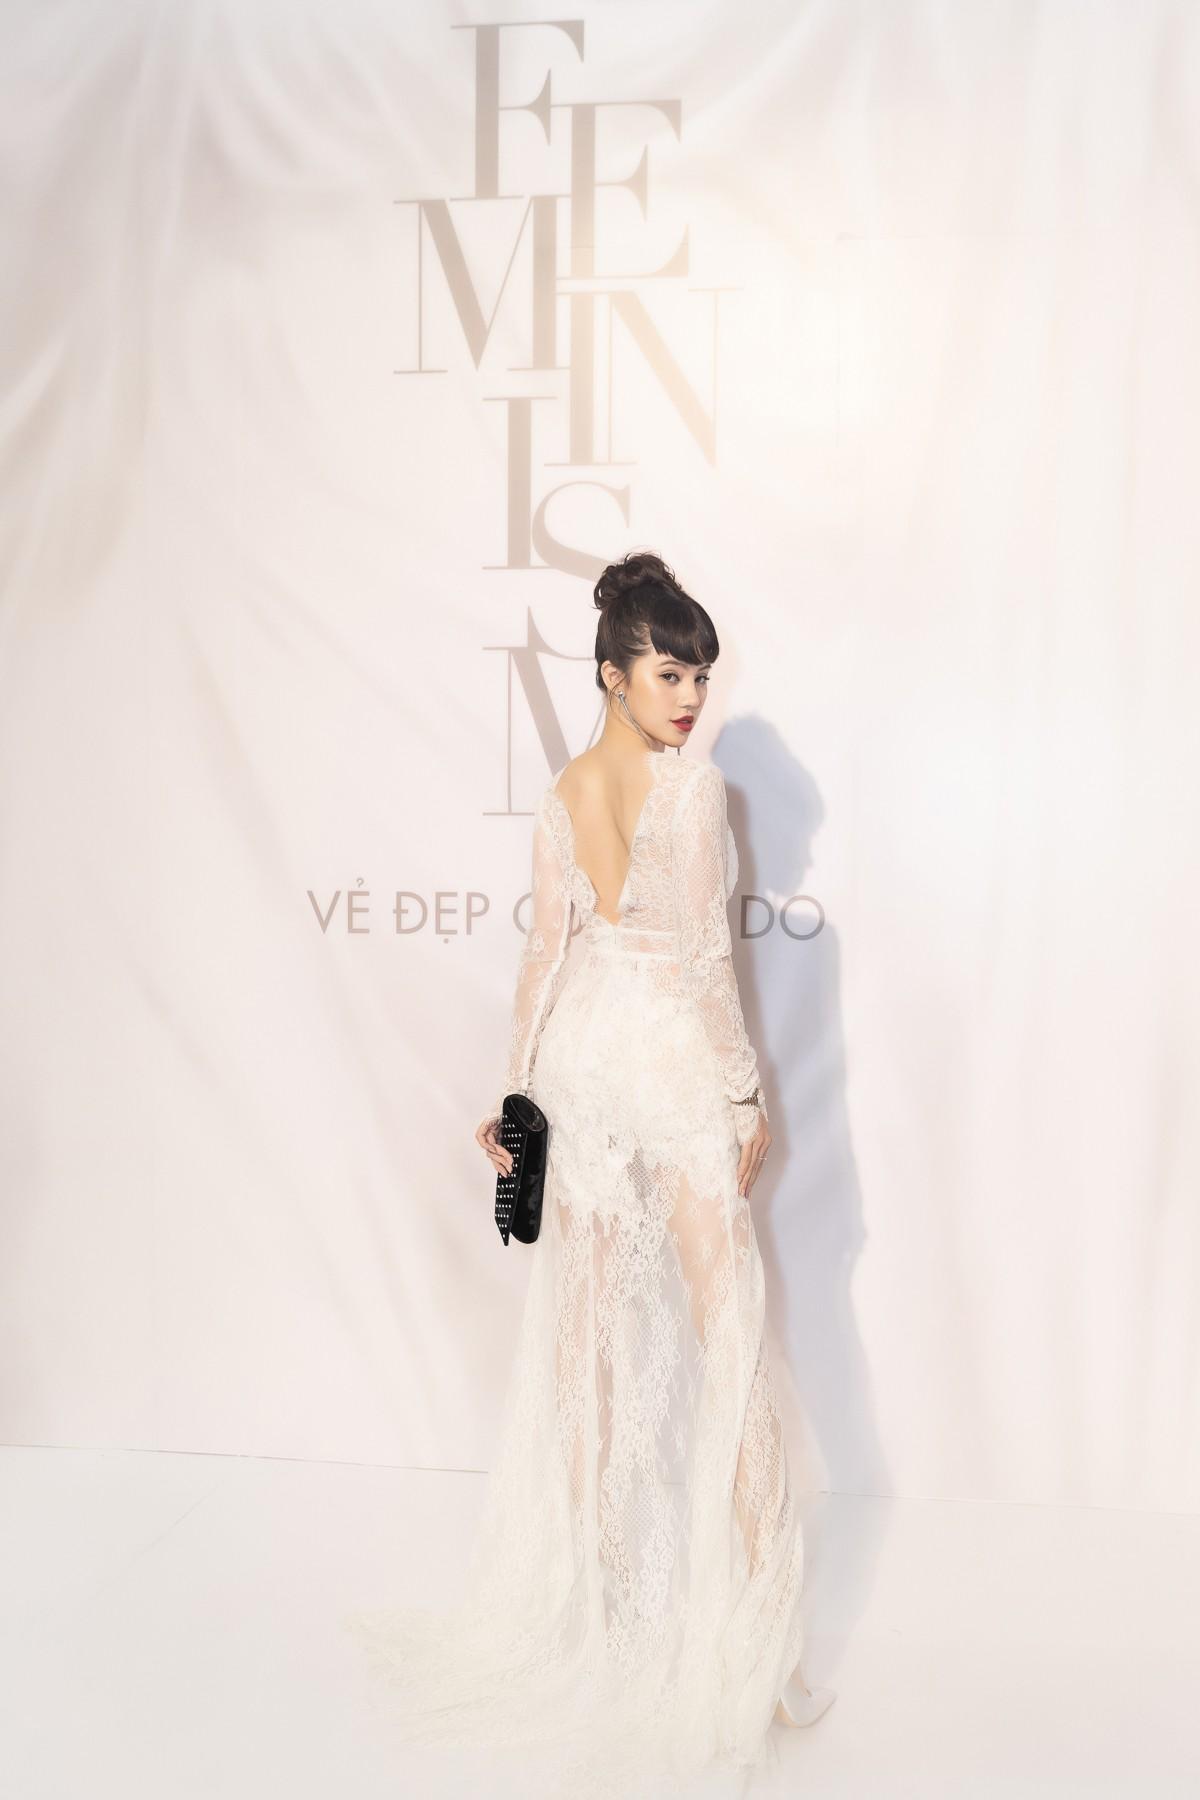 Spotlight thảm đỏ của NTK Lý Quí Khánh: Khi Hòa Minzy trông còn Hoa hậu hơn cả Hoa hậu Tiểu Vy - Ảnh 6.